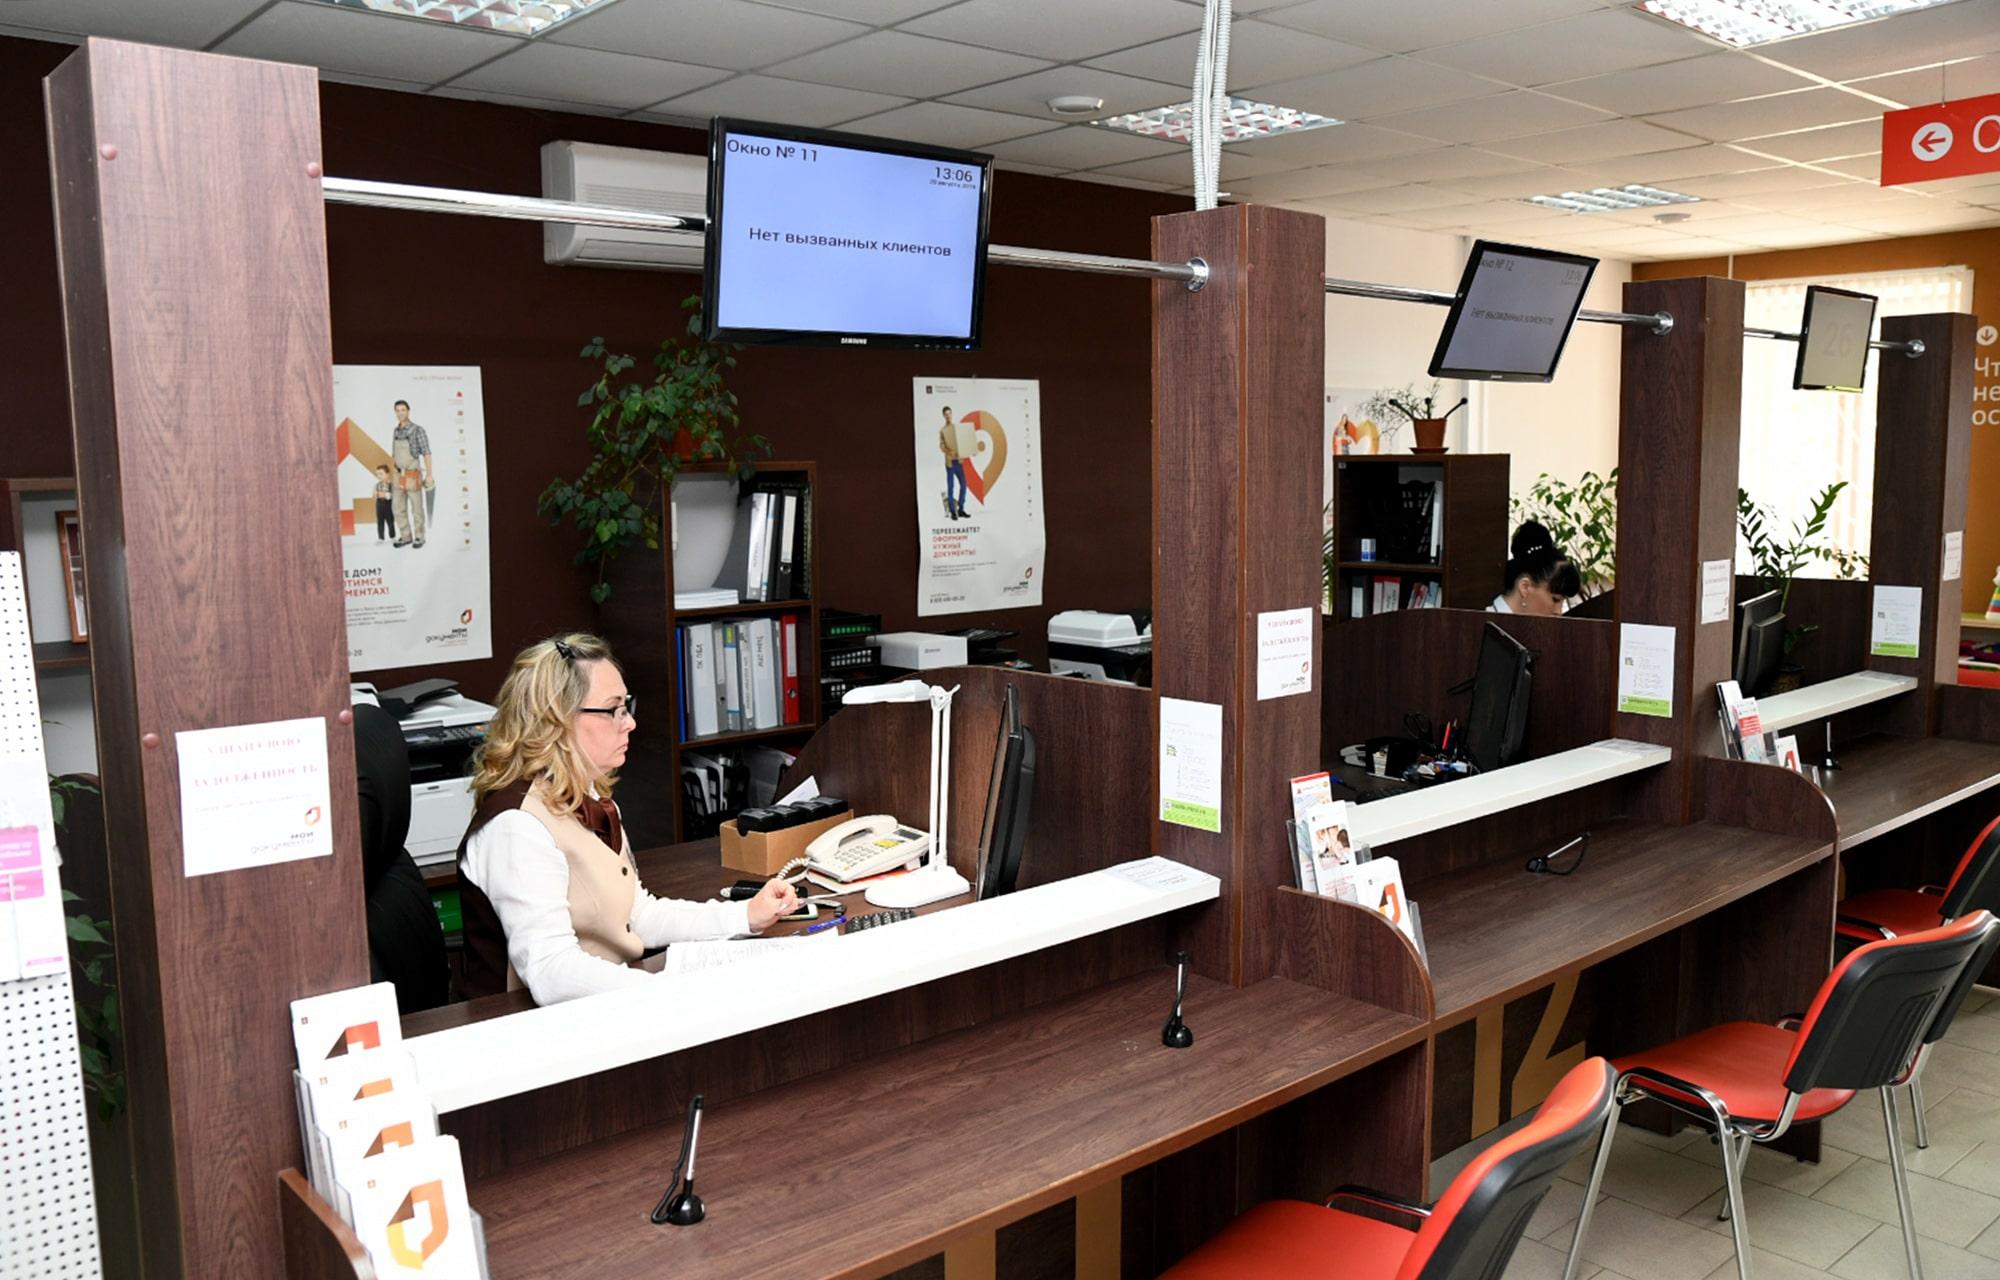 Больше 370 тысяч государственных и муниципальных услуг предоставили филиалы МФЦ Тверской области за 6 месяцев